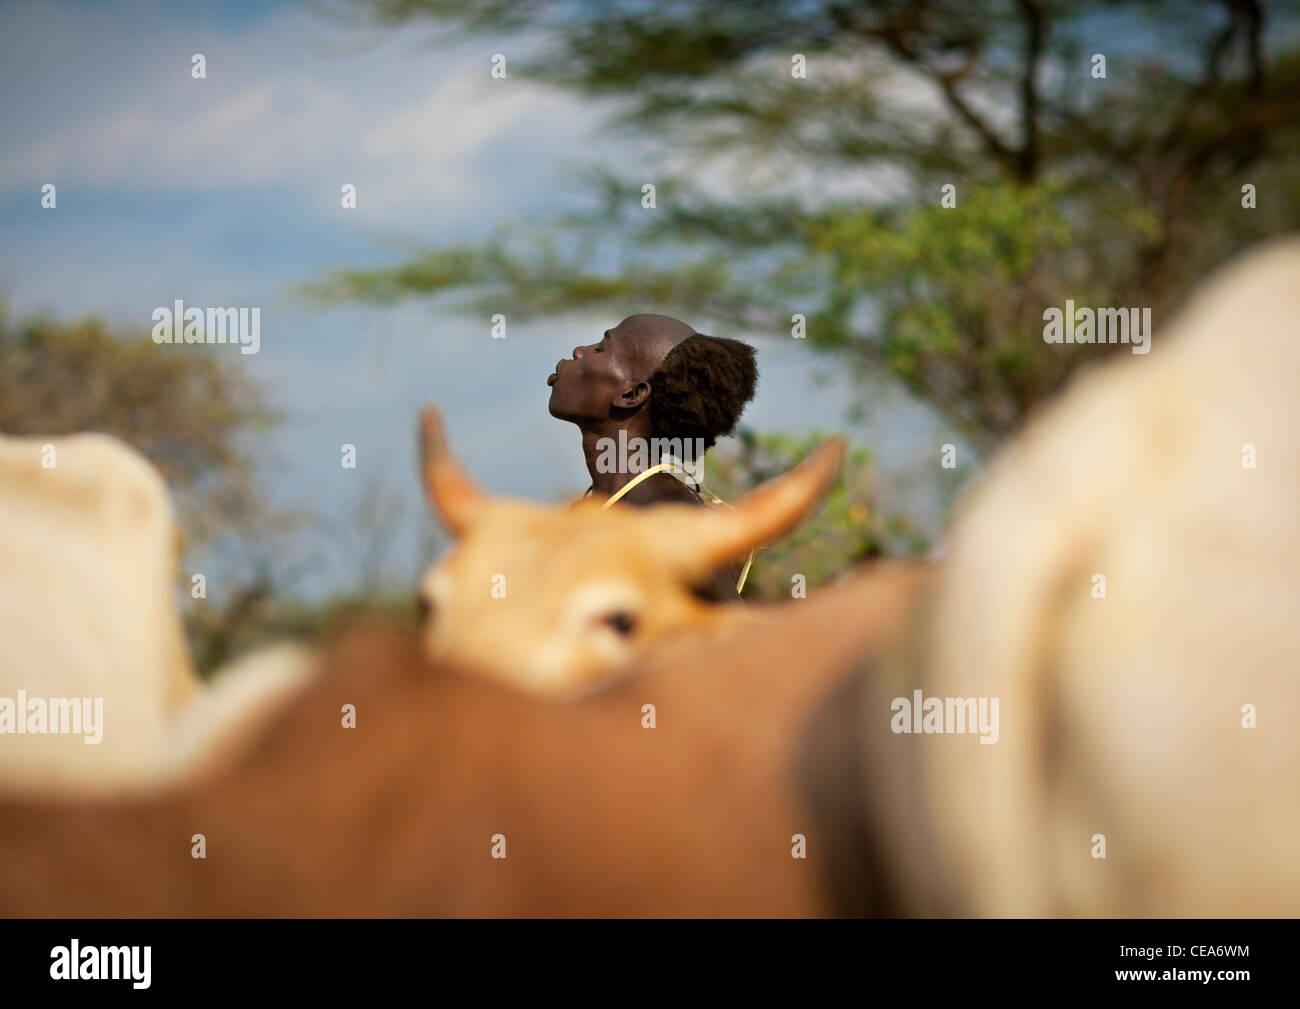 Hamer Bull il ponticello ragazzo adolescente dietro la mandria prima cerimonia di salto Valle dell'Omo Etiopia Immagini Stock